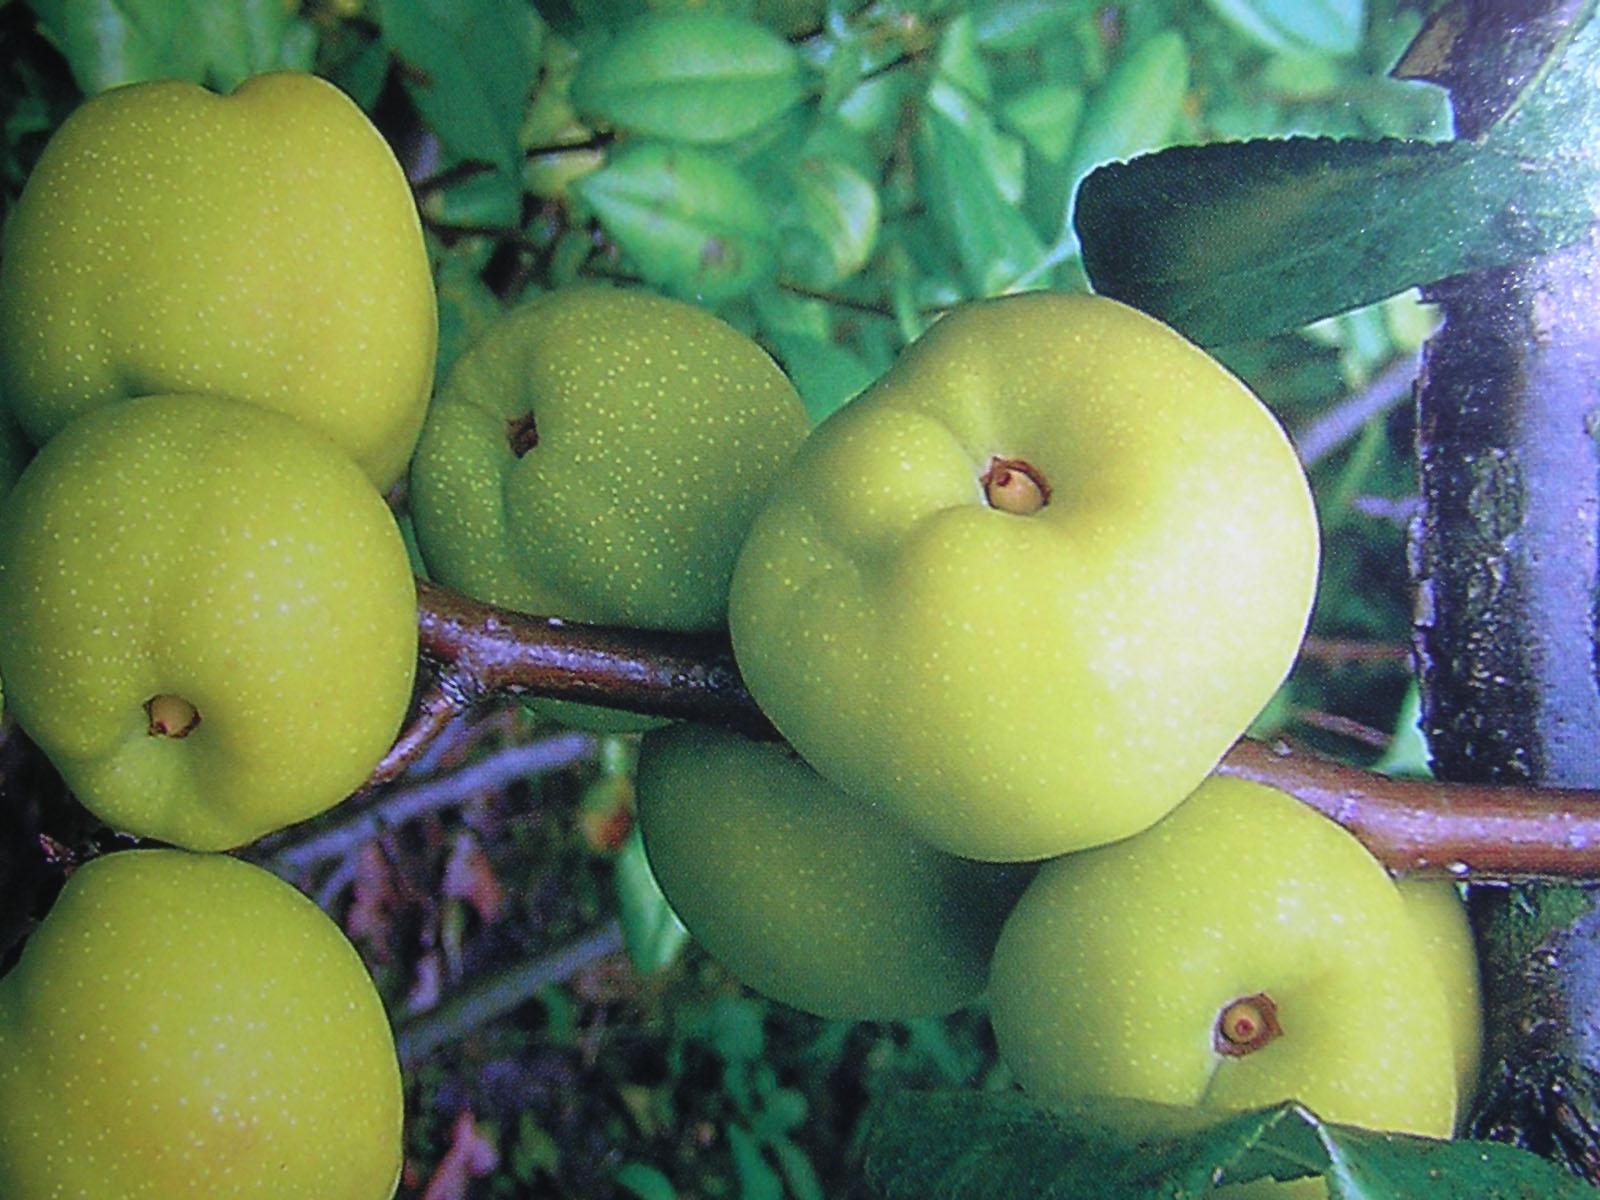 Сорт айвы: Маслянка поздняя